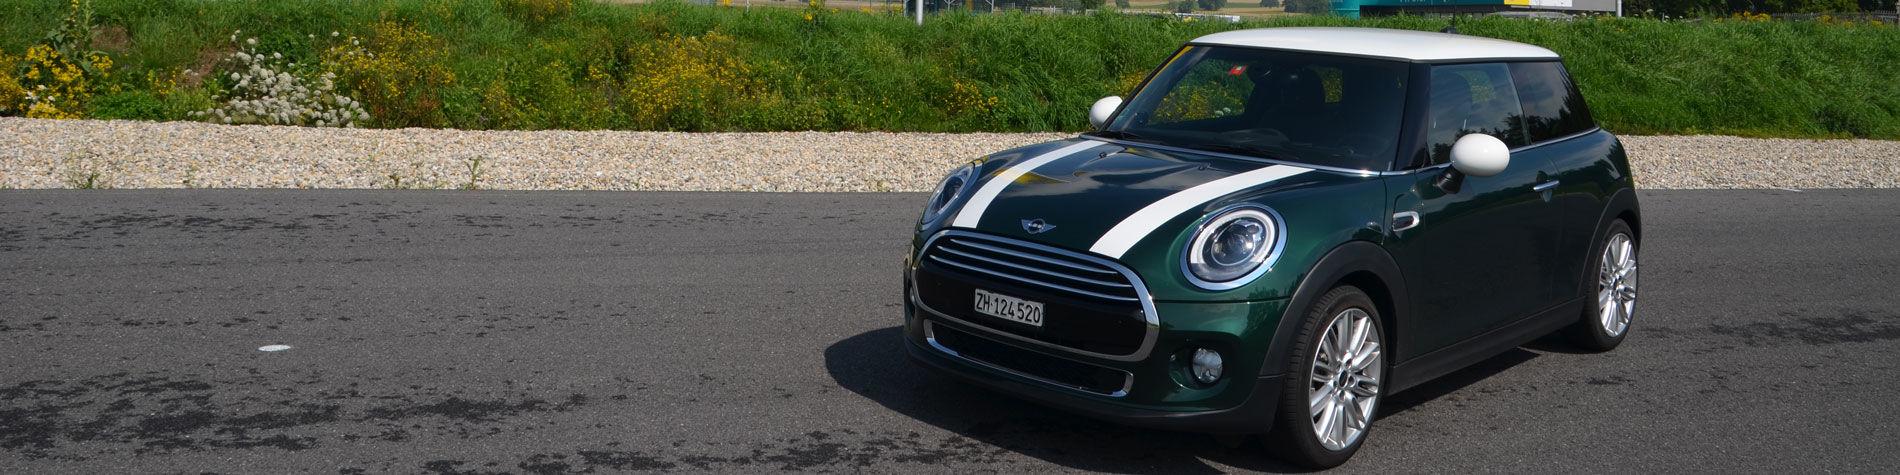 Mini Cooper 15 D Tcs Suisse